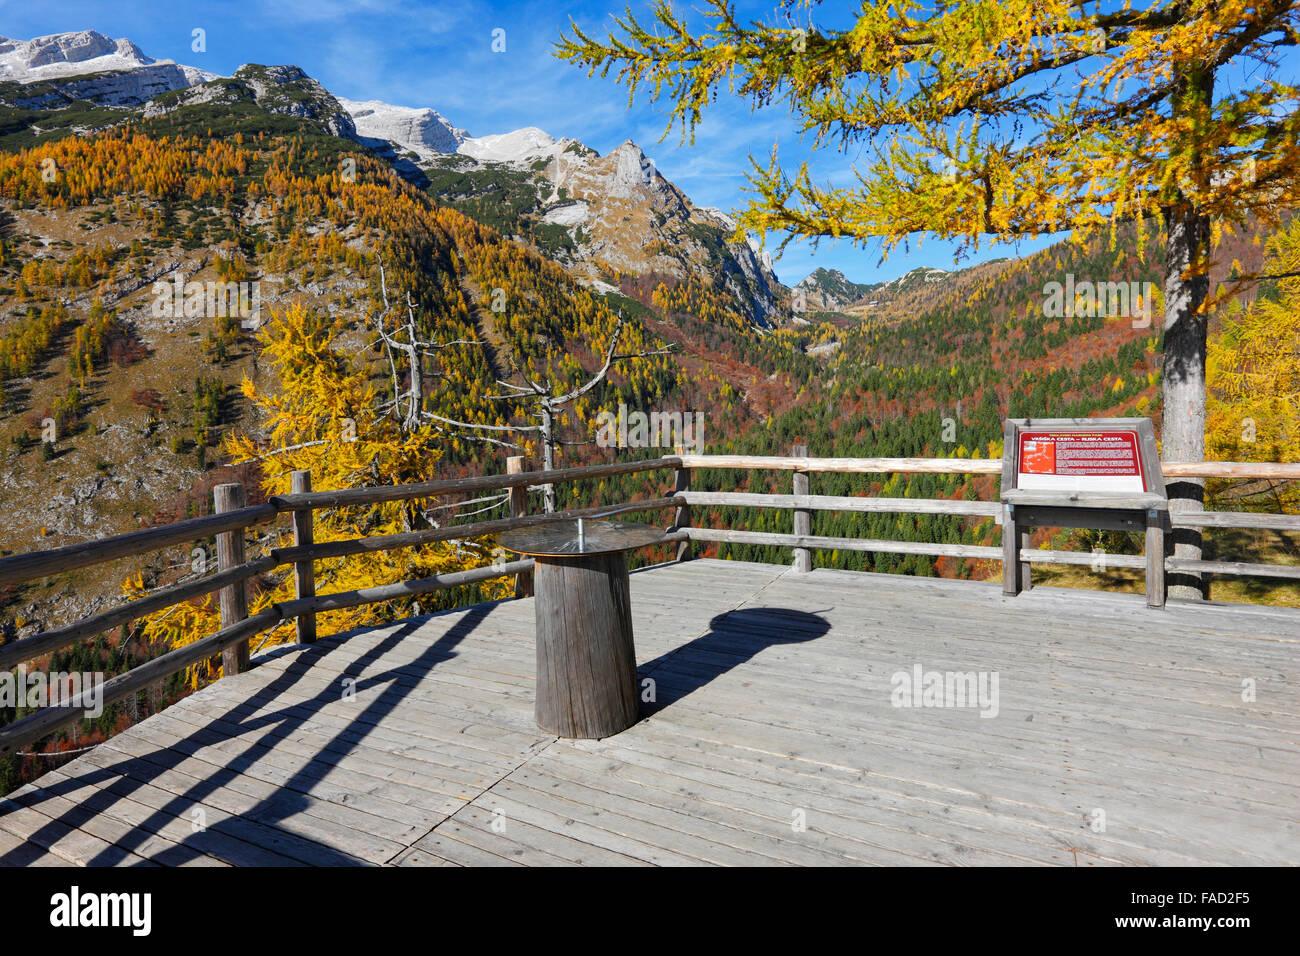 Viepiont near Vrsic pass in Julian alps in autumn, Slovenia. - Stock Image